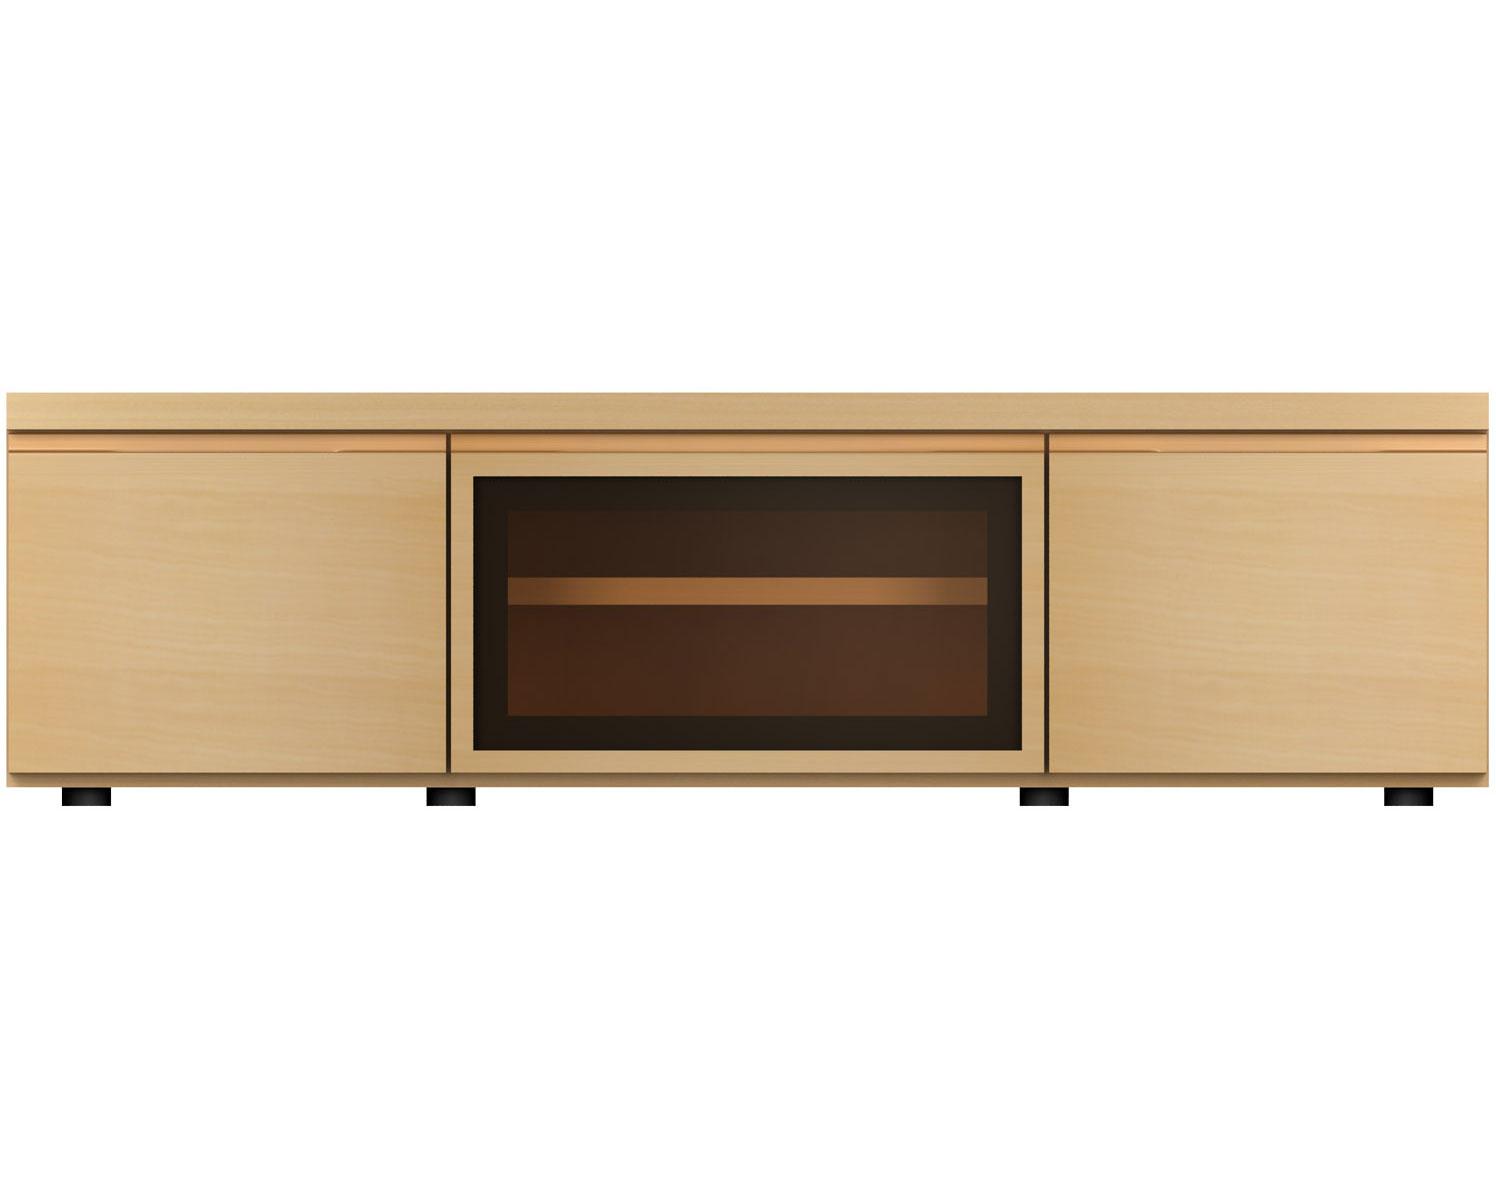 MARUNIマルニ F-UNIT(ビーチ) TVボード/ガラスB/W120No.6996-34-0000